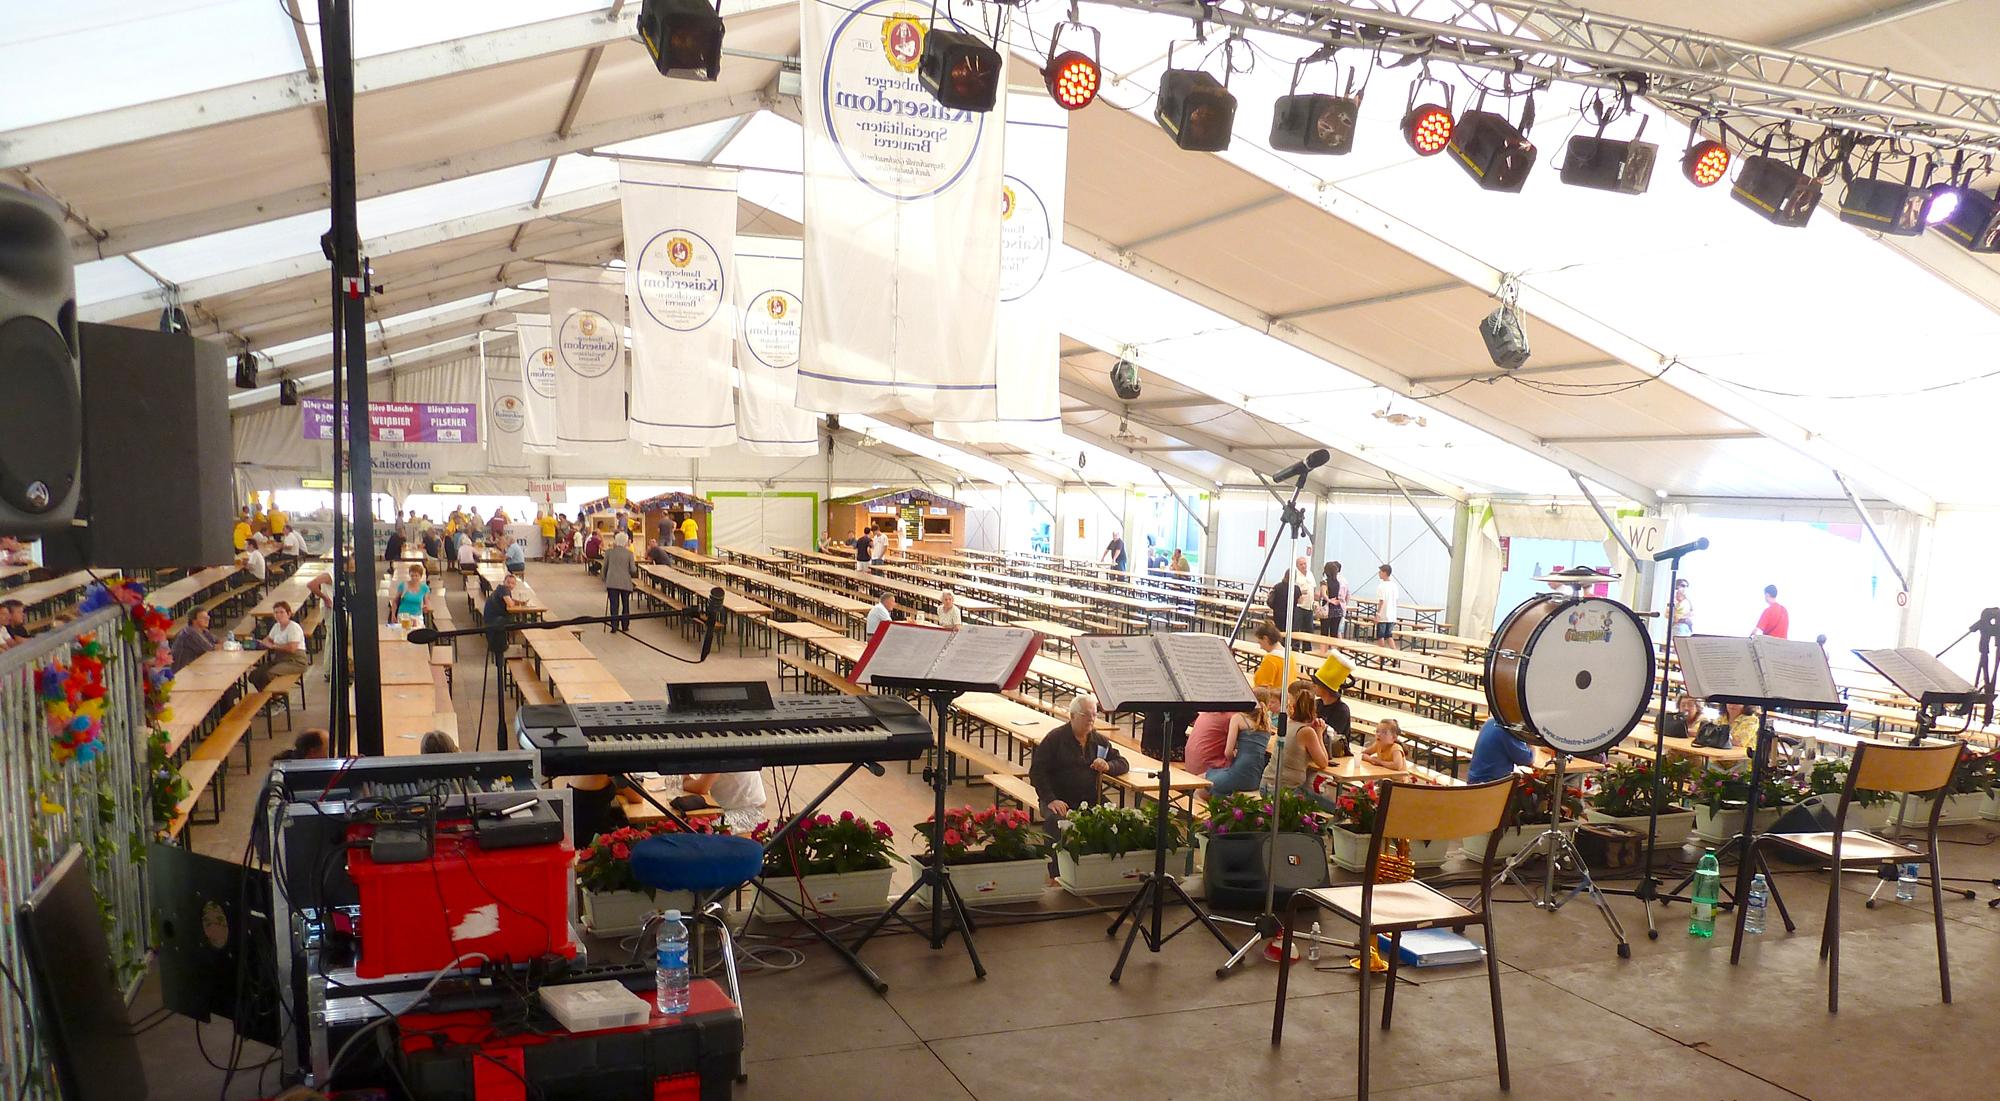 6b Ambérieu 01 Fête de la Bière orchestre bavarois Gallisch Brezel